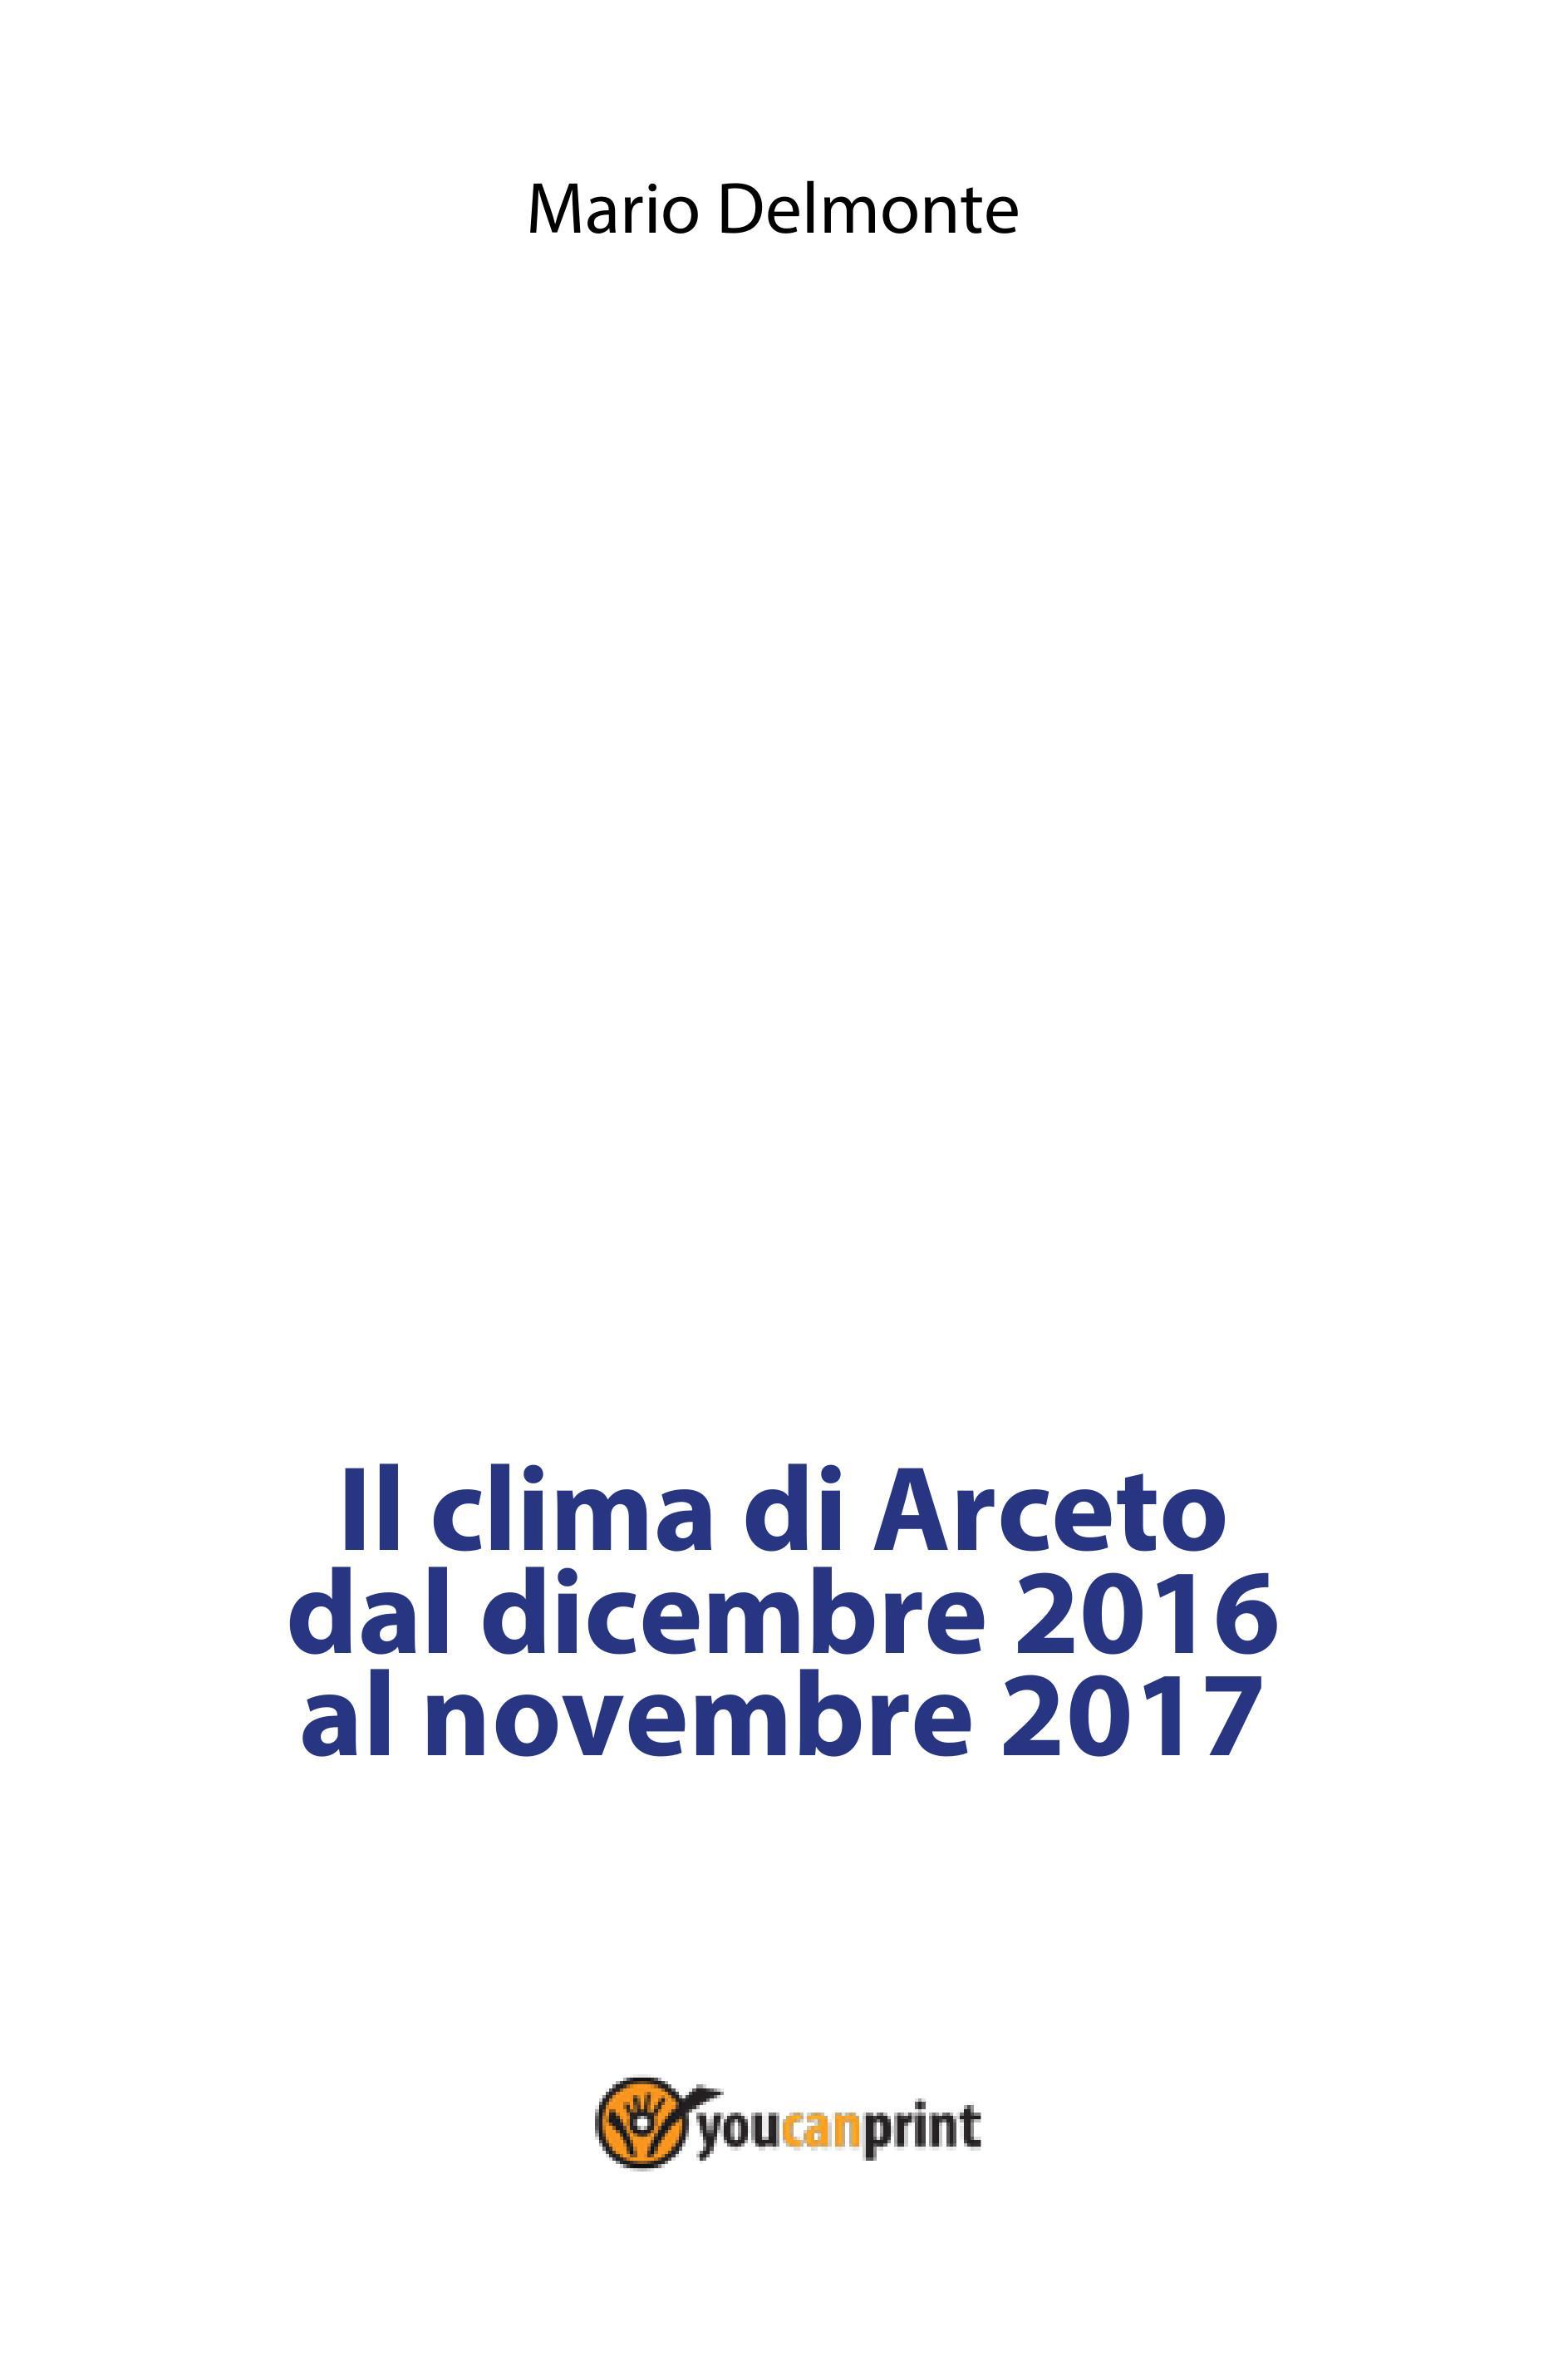 Il clima di Arceto dal dicembre 2016 al novembre 2017